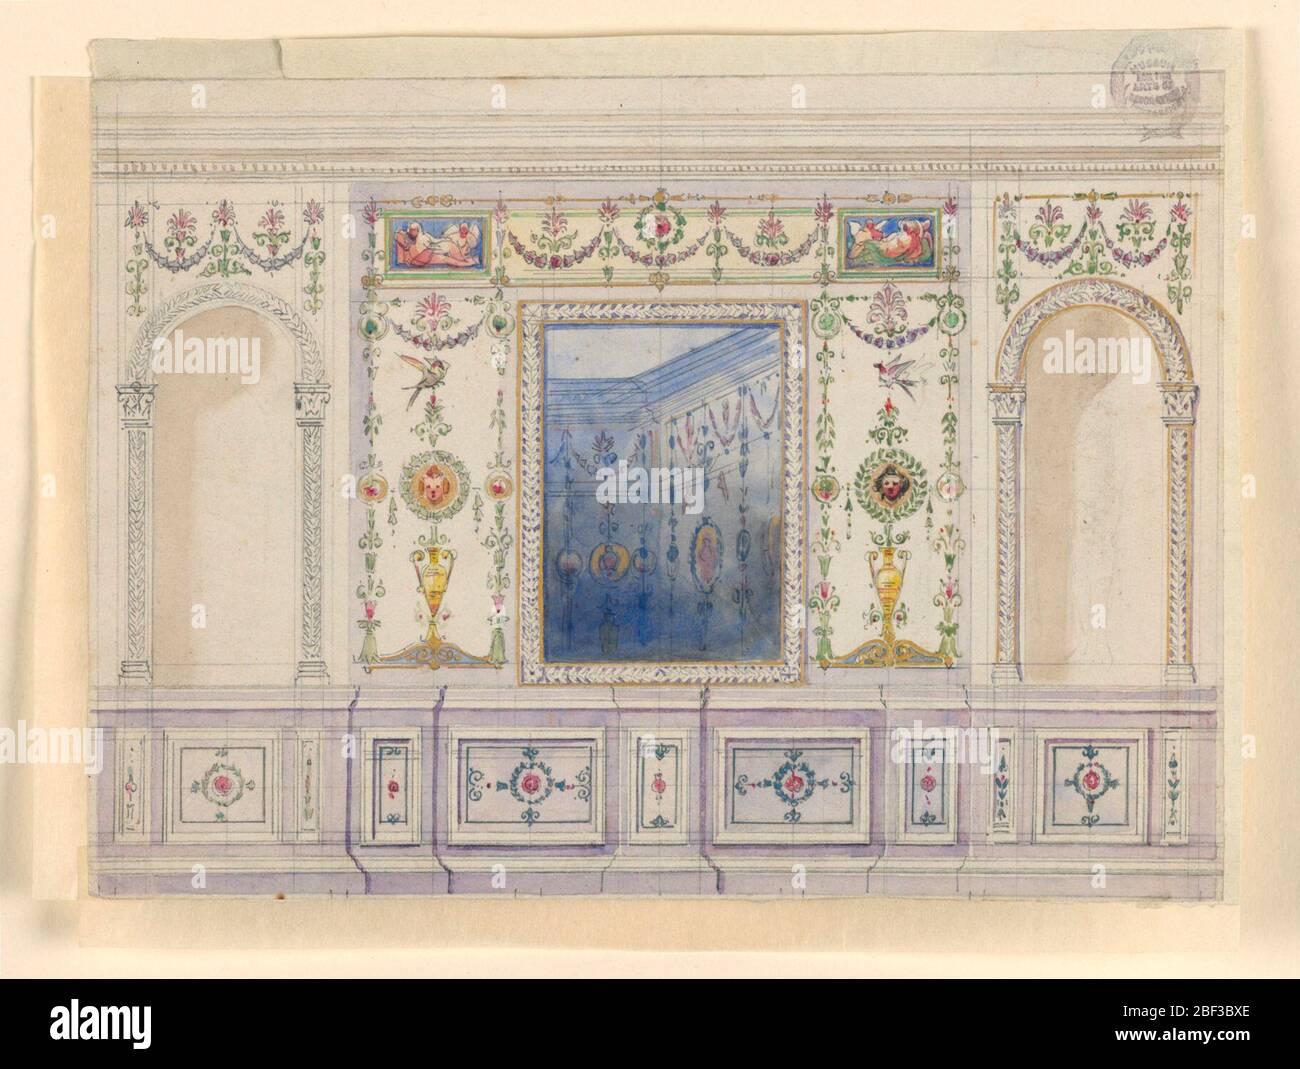 Decoración pintada de una pared. Lateralmente sobre un dado son nichos con estatuas, para los cuales se sugiere un marco pintado y la parte superior, en el centro de la pared es un espejo, flanqueado por paneles grotescos. Un friso y dos pinturas oblongas en la parte superior. Foto de stock